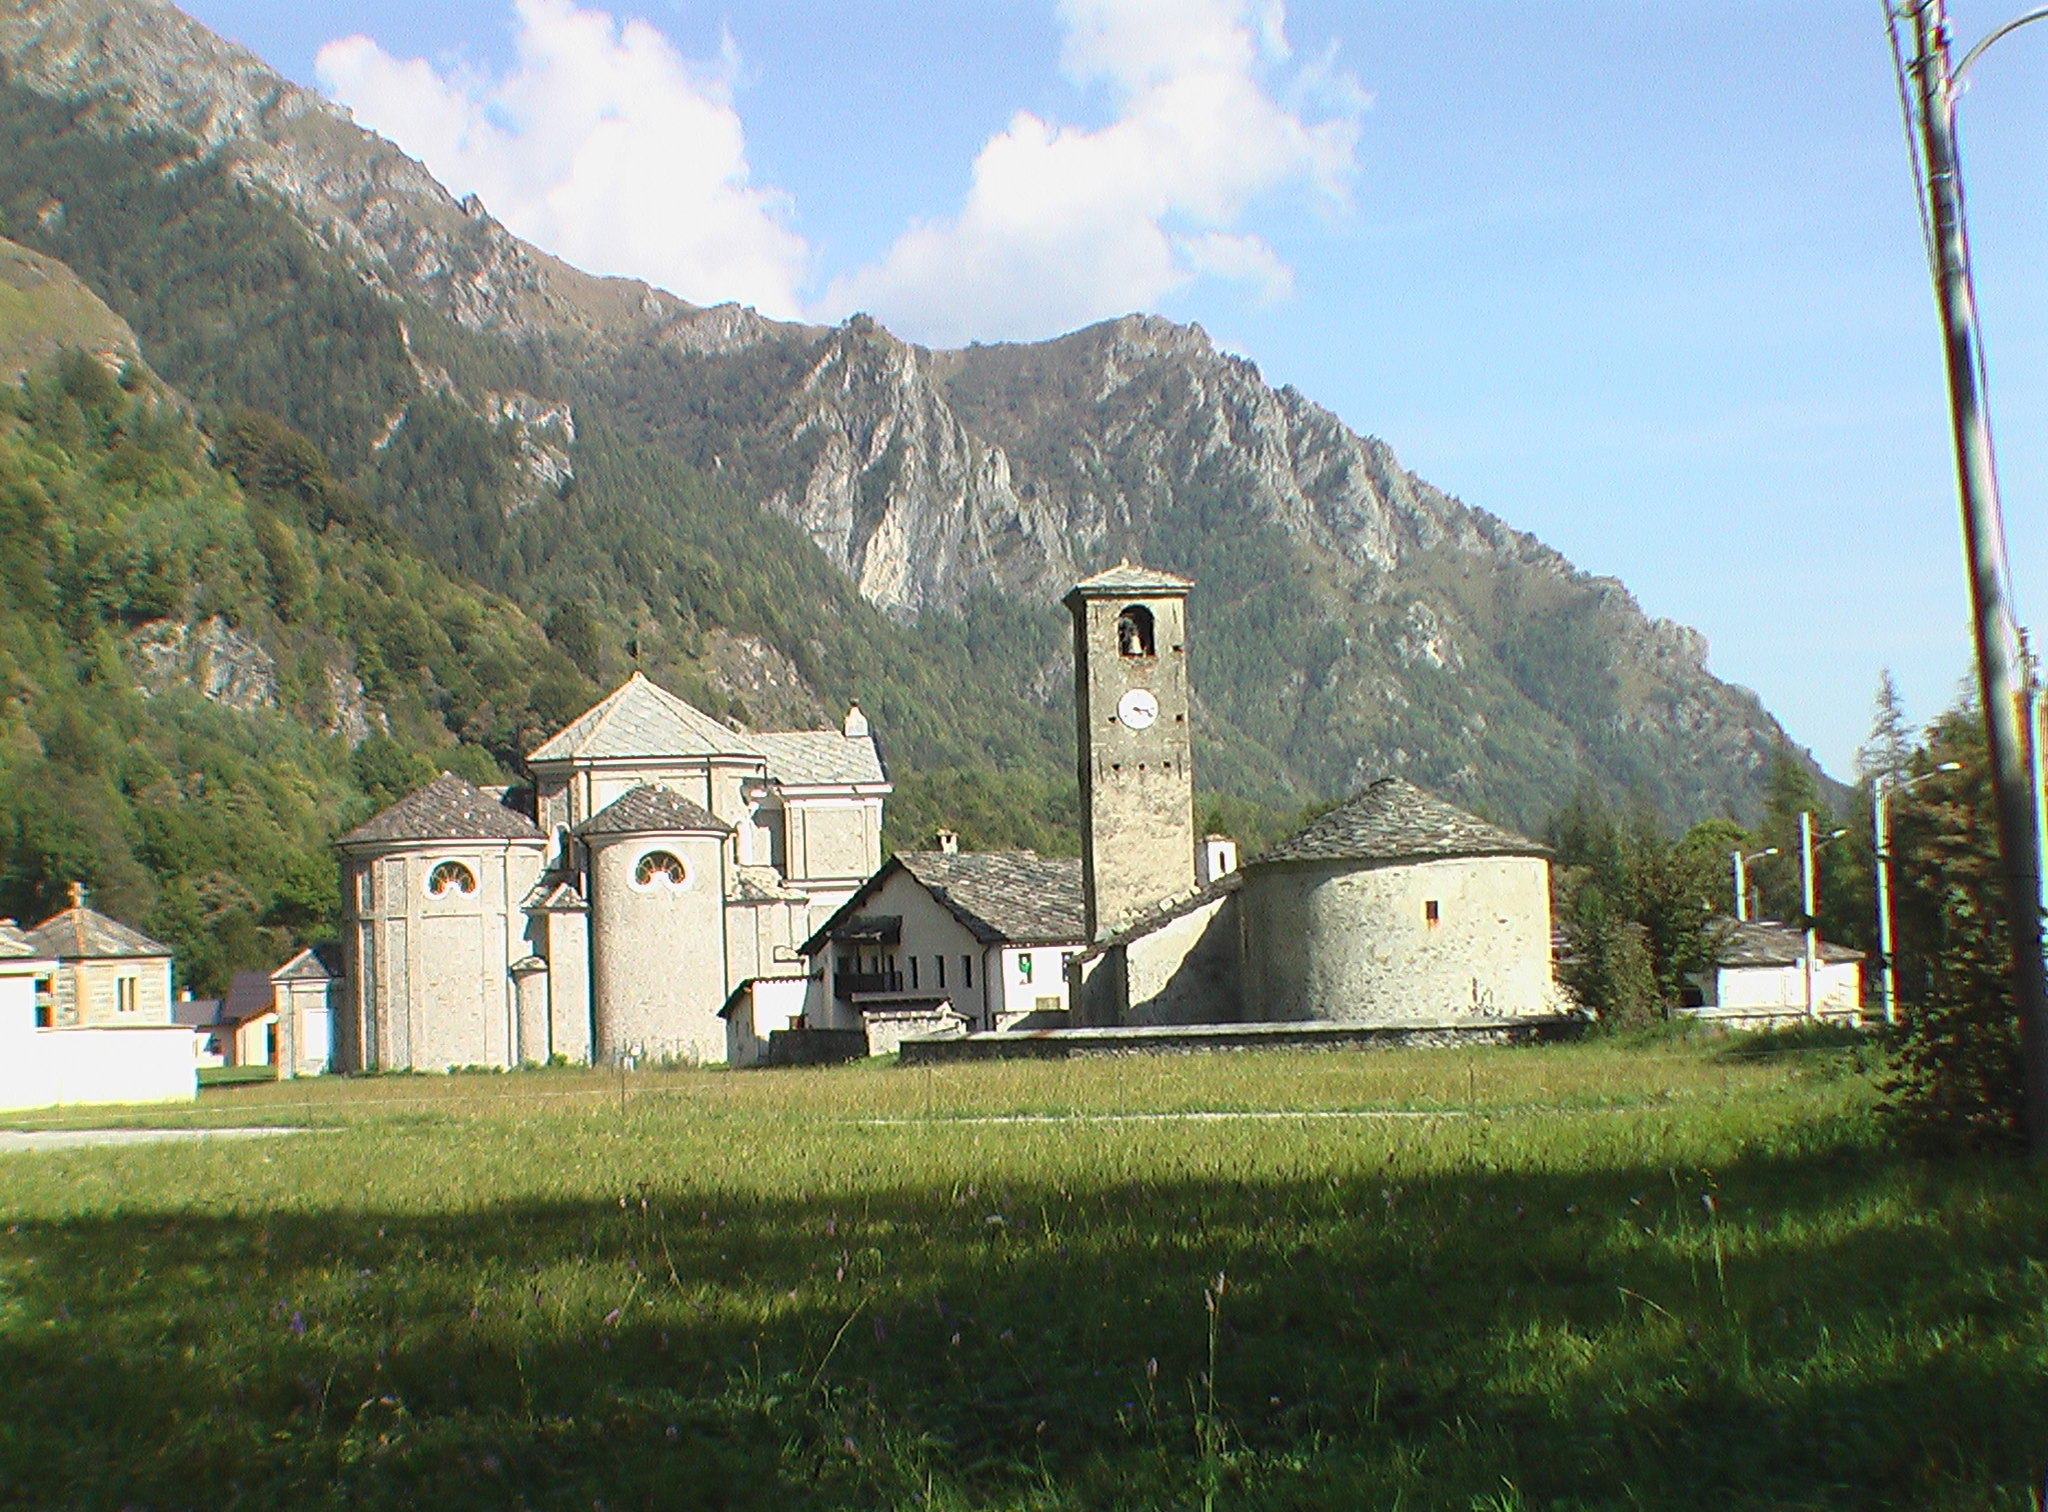 Nuestra Señora de Loreto de Groscavallo Aparece para Pedir un Santuario, Italia (30 sep)